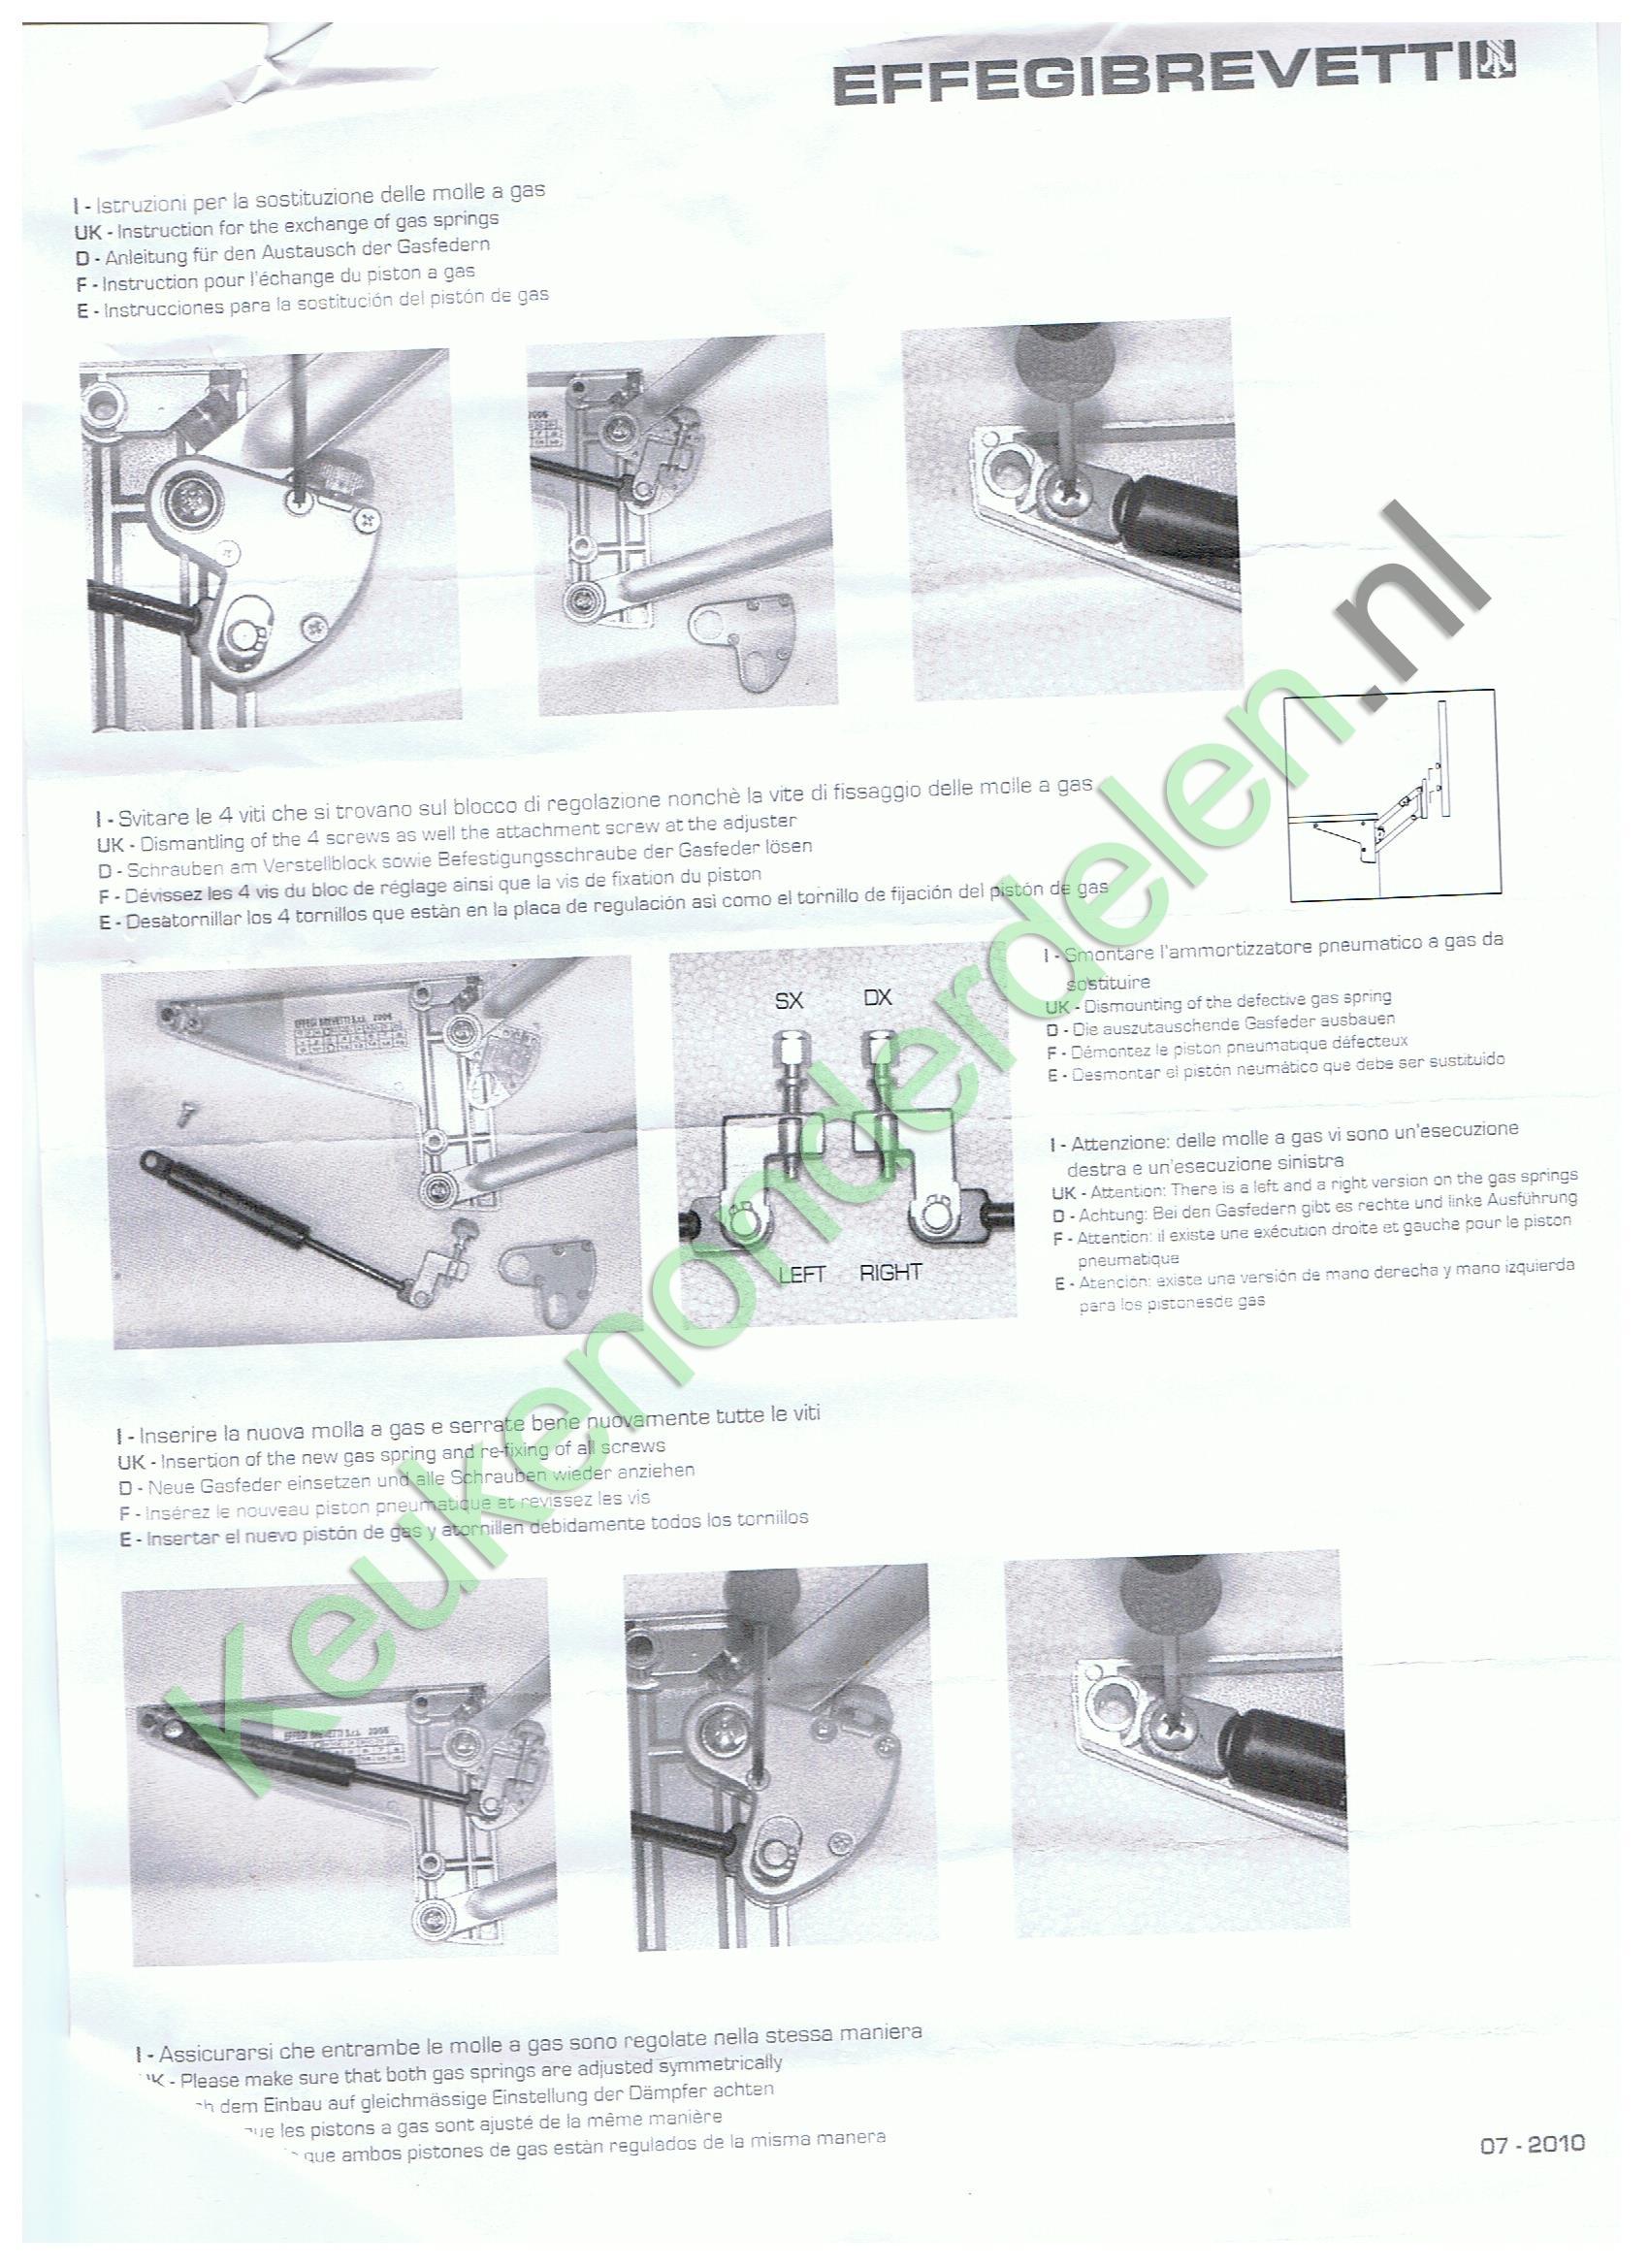 Gasveer Effegi Brevetti Stabilus 0450 N ( 2 gasveren  )VELA